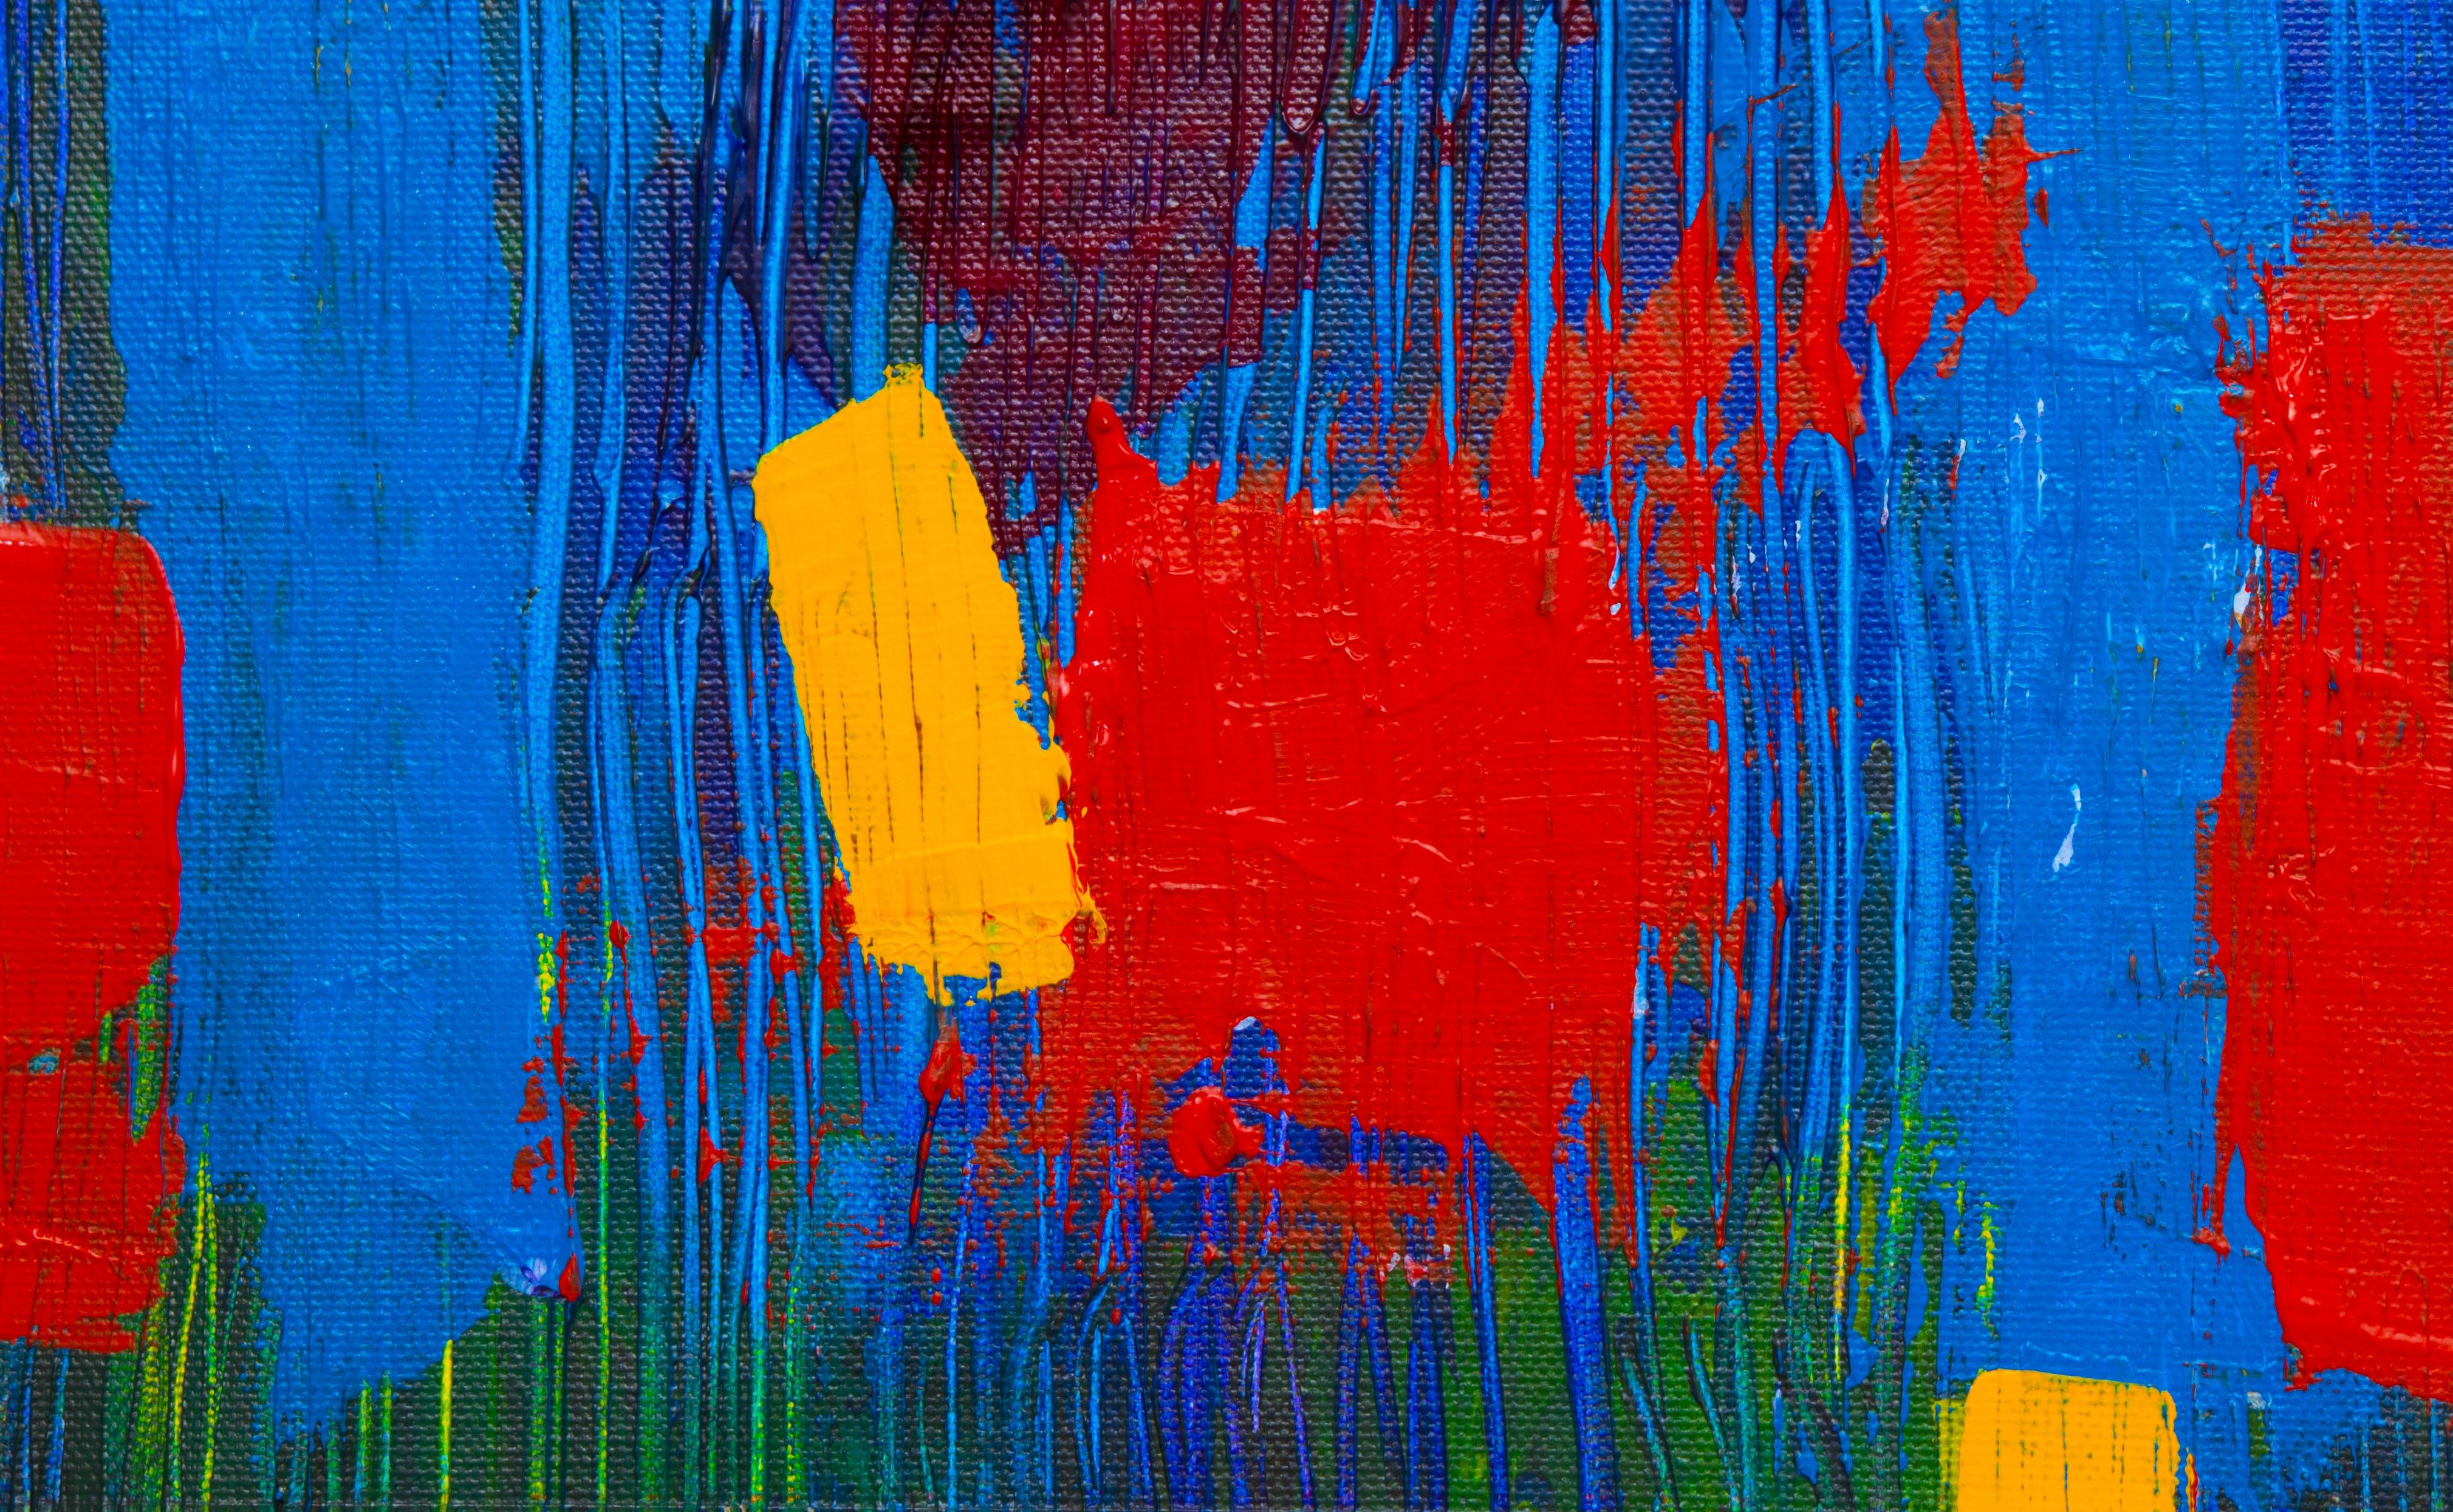 HD-обои, Абстрактный экспрессионизм, акриловая краска